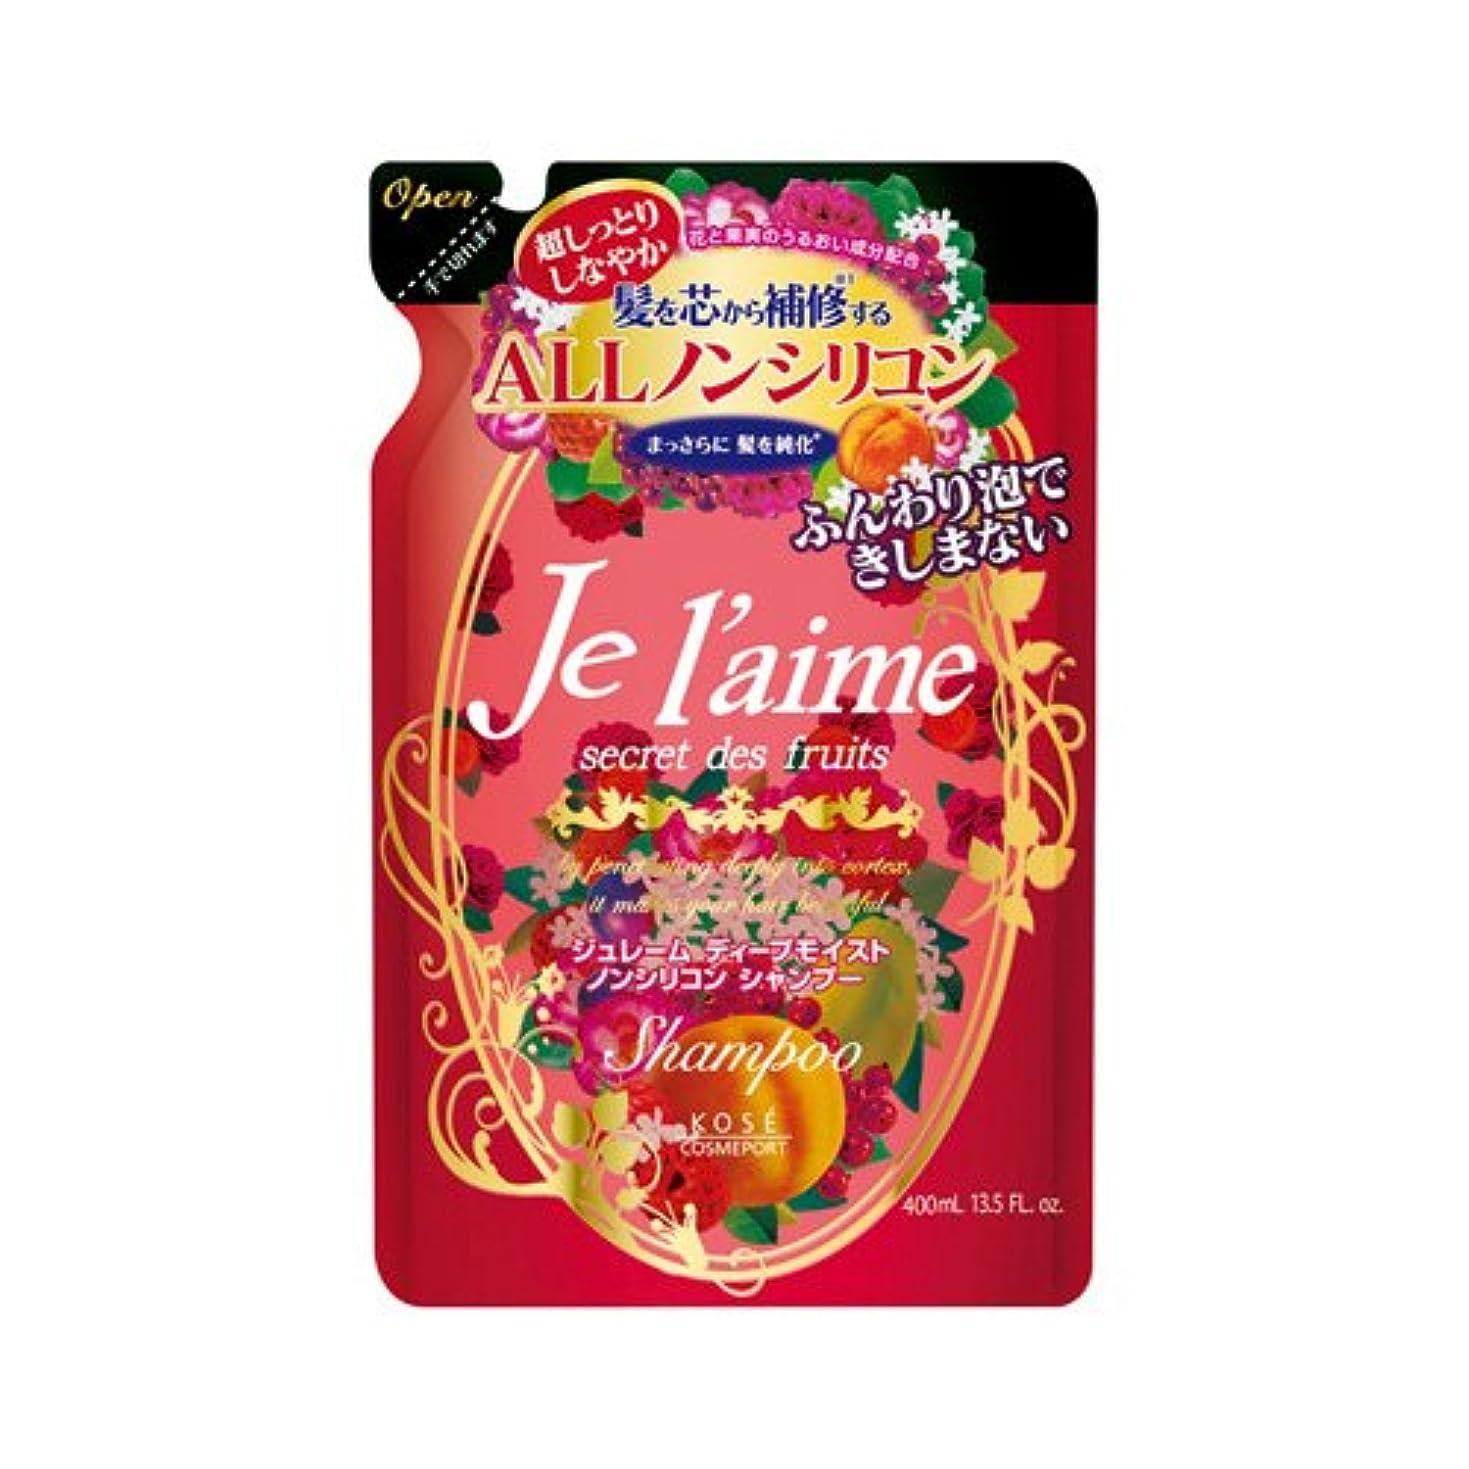 注ぎます適切なコウモリコーセー ジュレーム シャンプー ディープモイスト つめかえ 400mL×12本セット  きらめくフェミニンな赤い花々と果実の香り